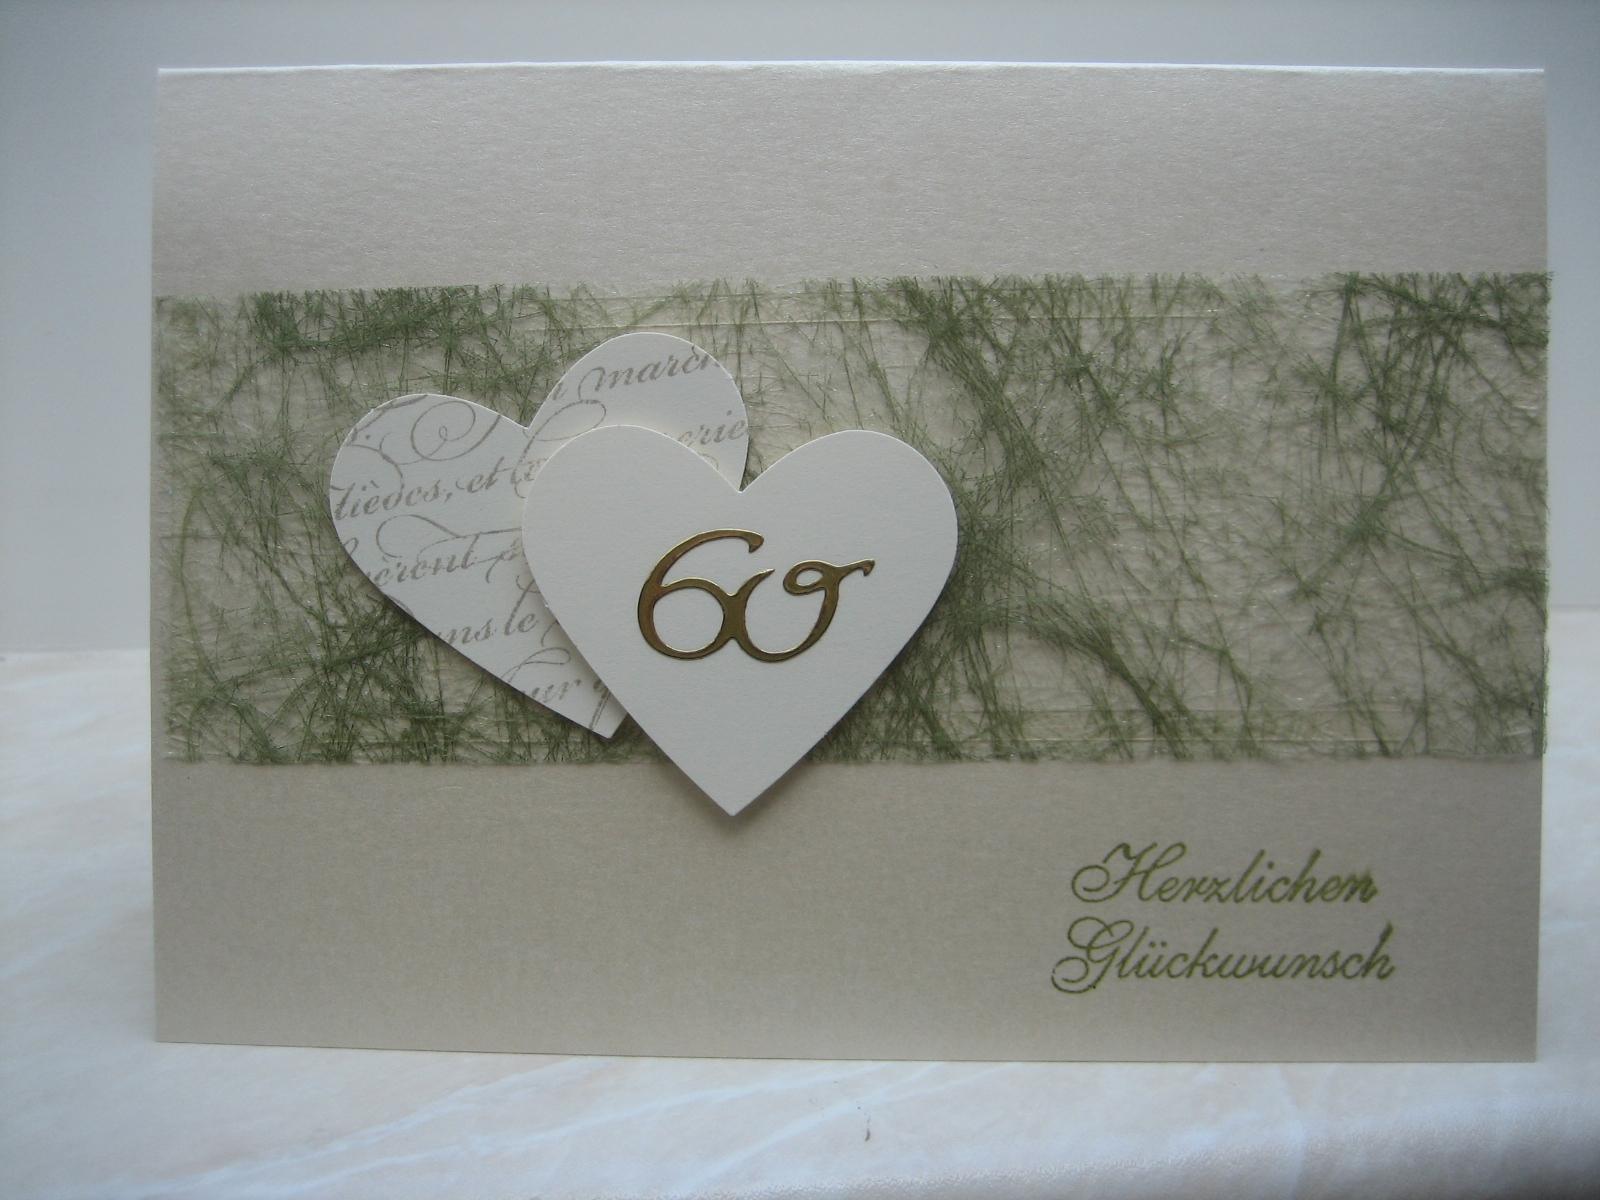 Spruche Diamantene Hochzeit Gluckwunsche Geschenkideen Diamantene